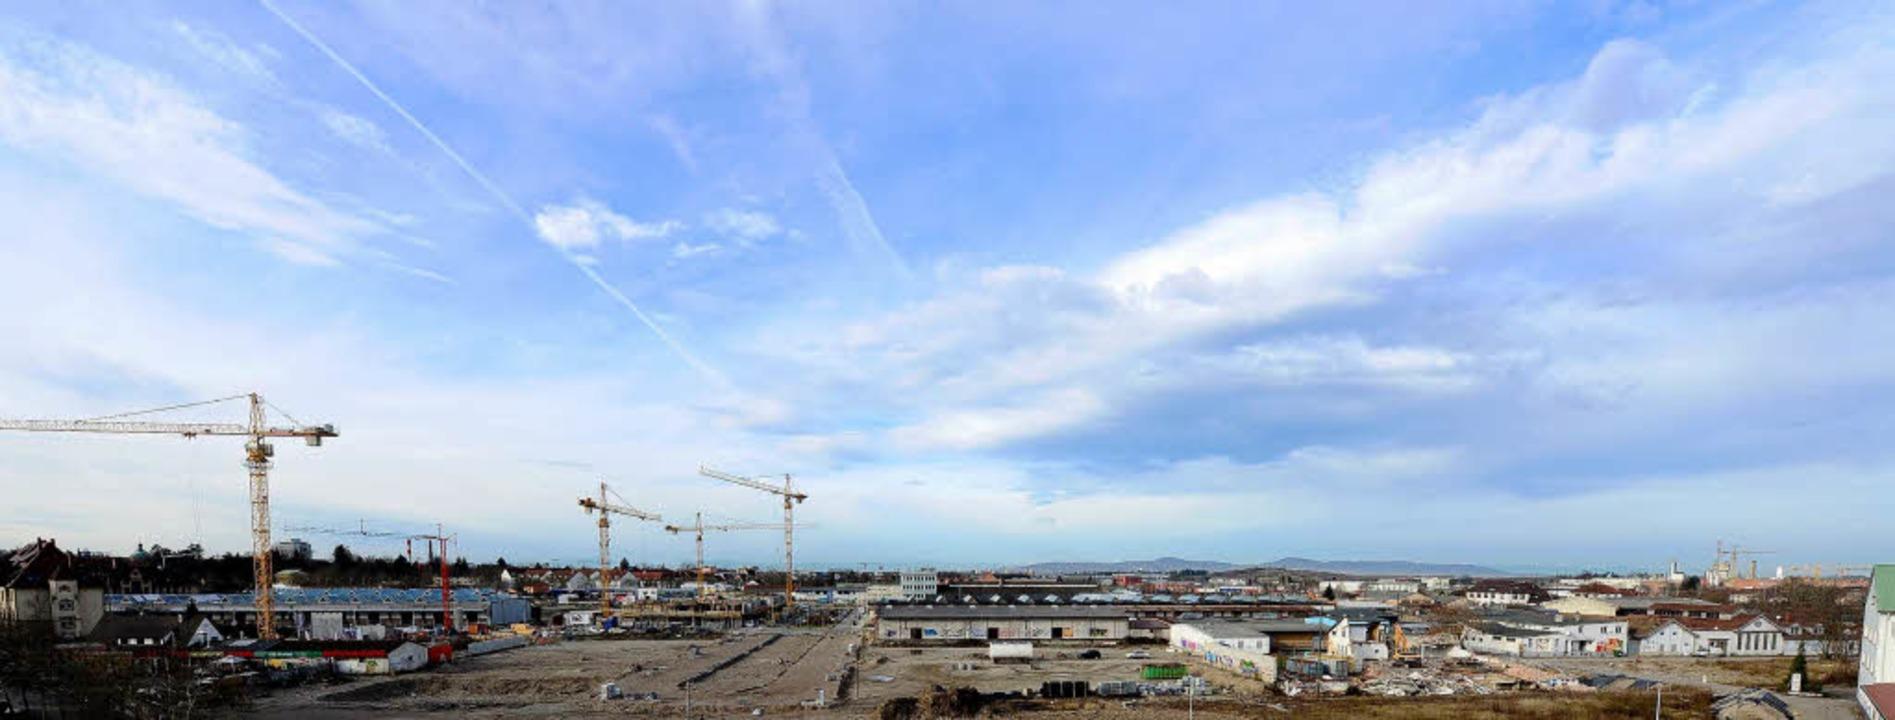 Güterbahnhofareal Nord: Auf den Abriss folgt der Aufbau.    Foto: Ingo schneider